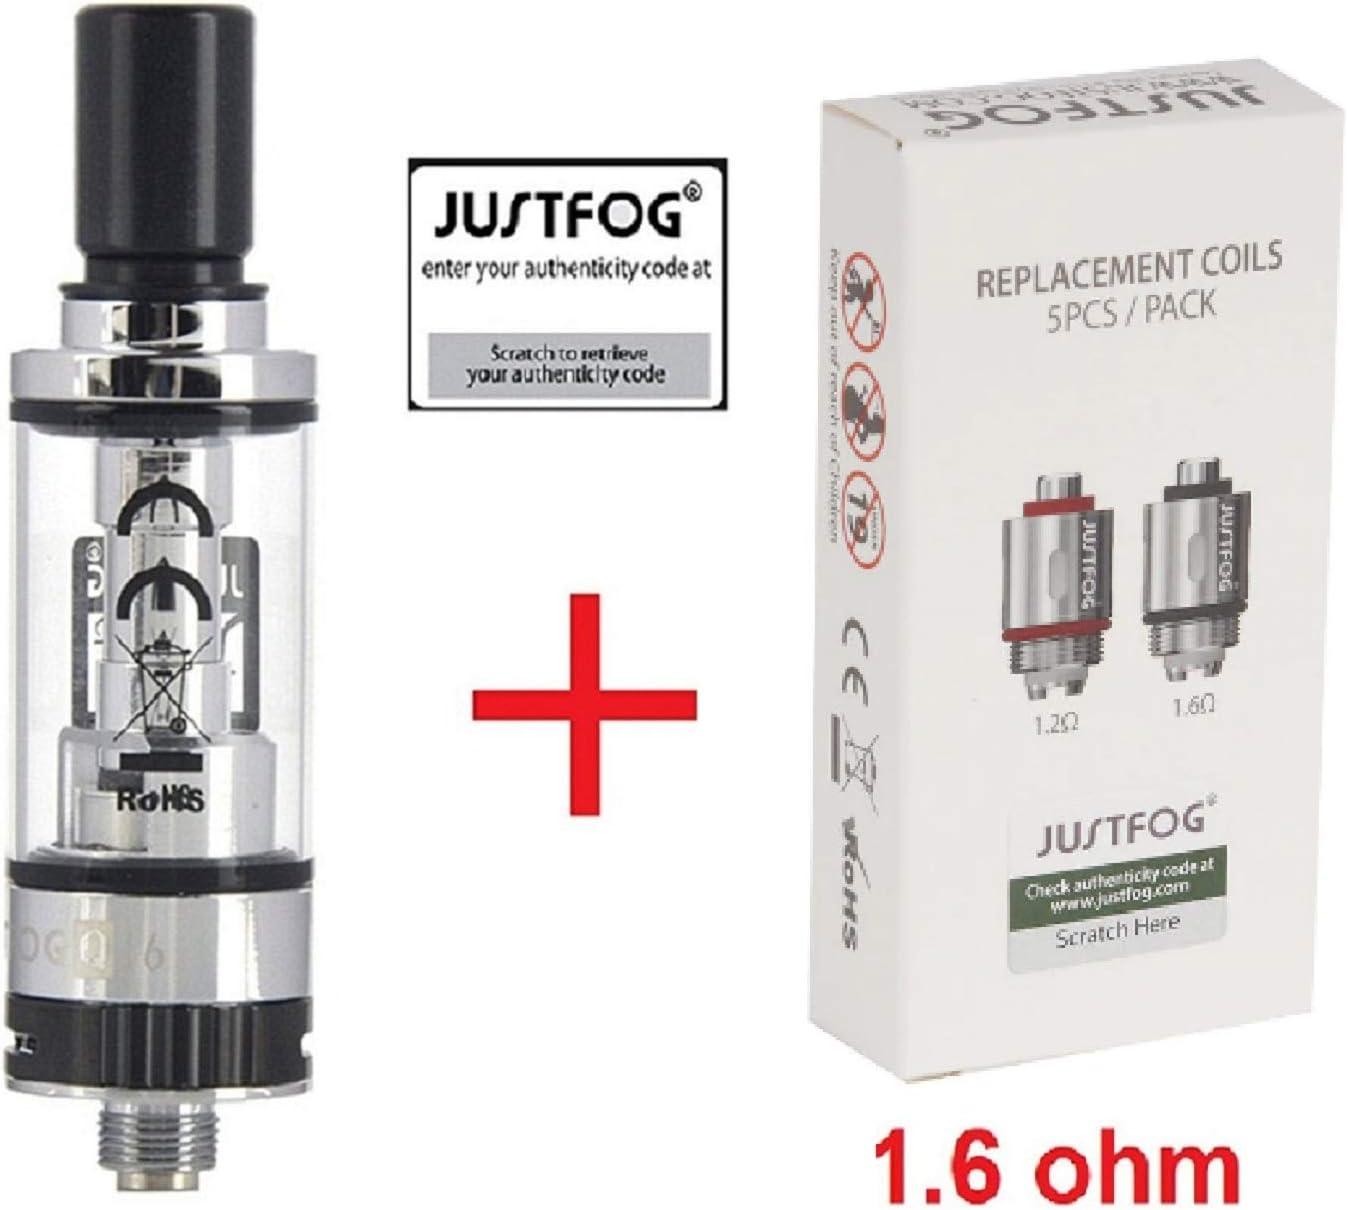 Justfog - Kit Q16 (resistencias + claromizador Q16) Paquete de resistencias de 1.6ohm: Amazon.es: Electrónica